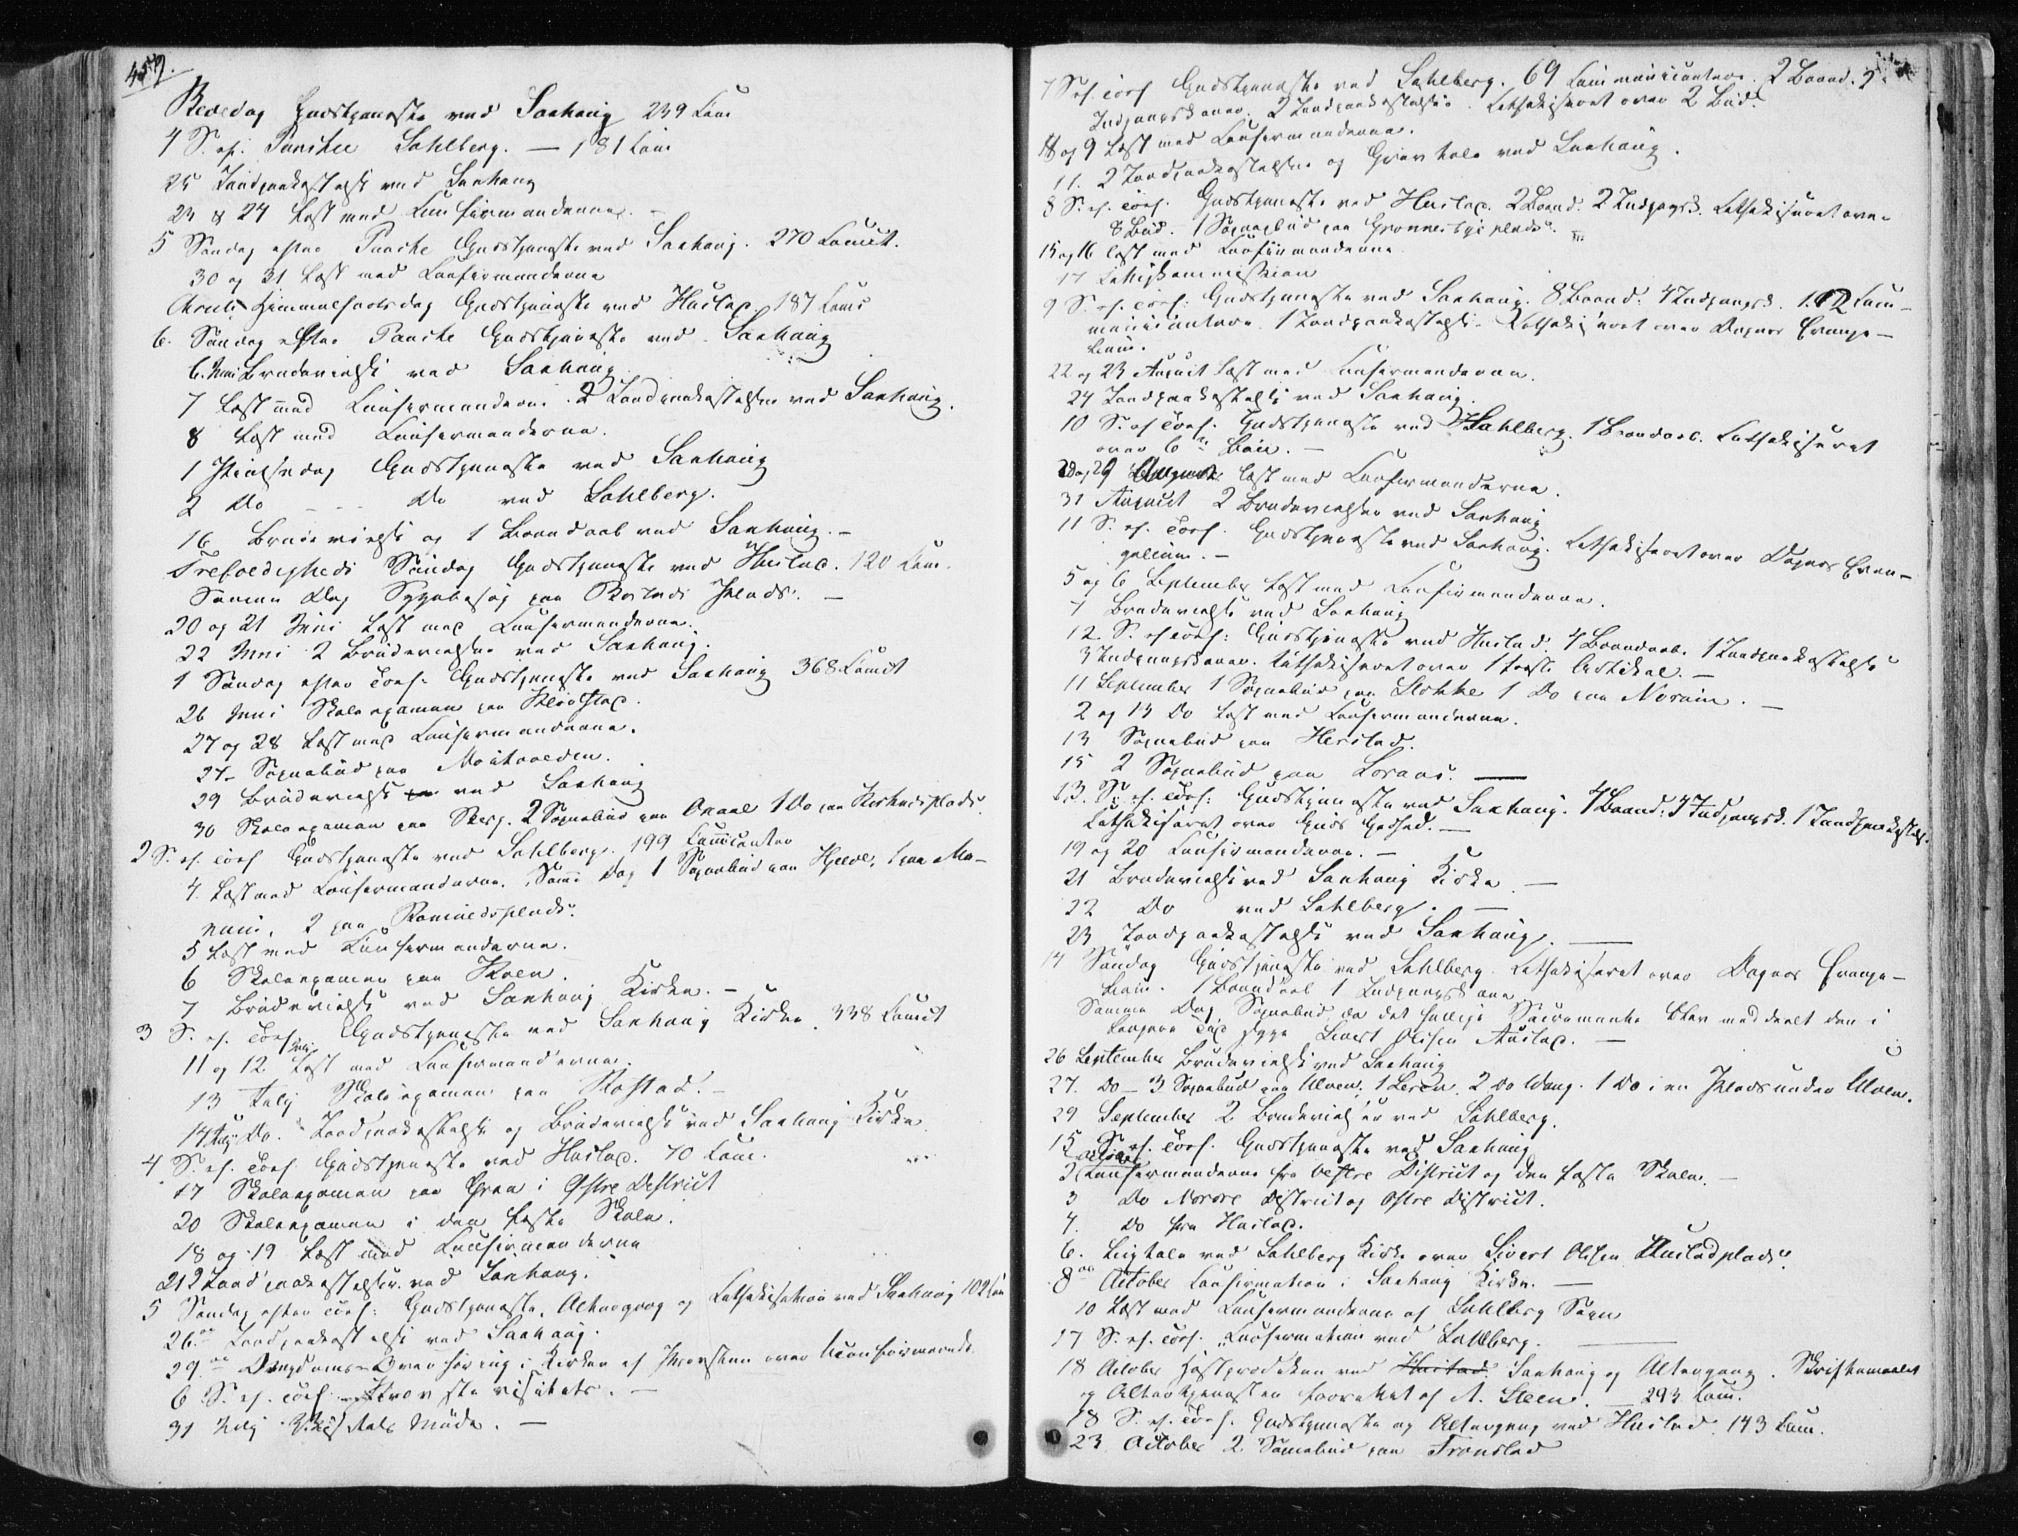 SAT, Ministerialprotokoller, klokkerbøker og fødselsregistre - Nord-Trøndelag, 730/L0280: Ministerialbok nr. 730A07 /1, 1840-1854, s. 459